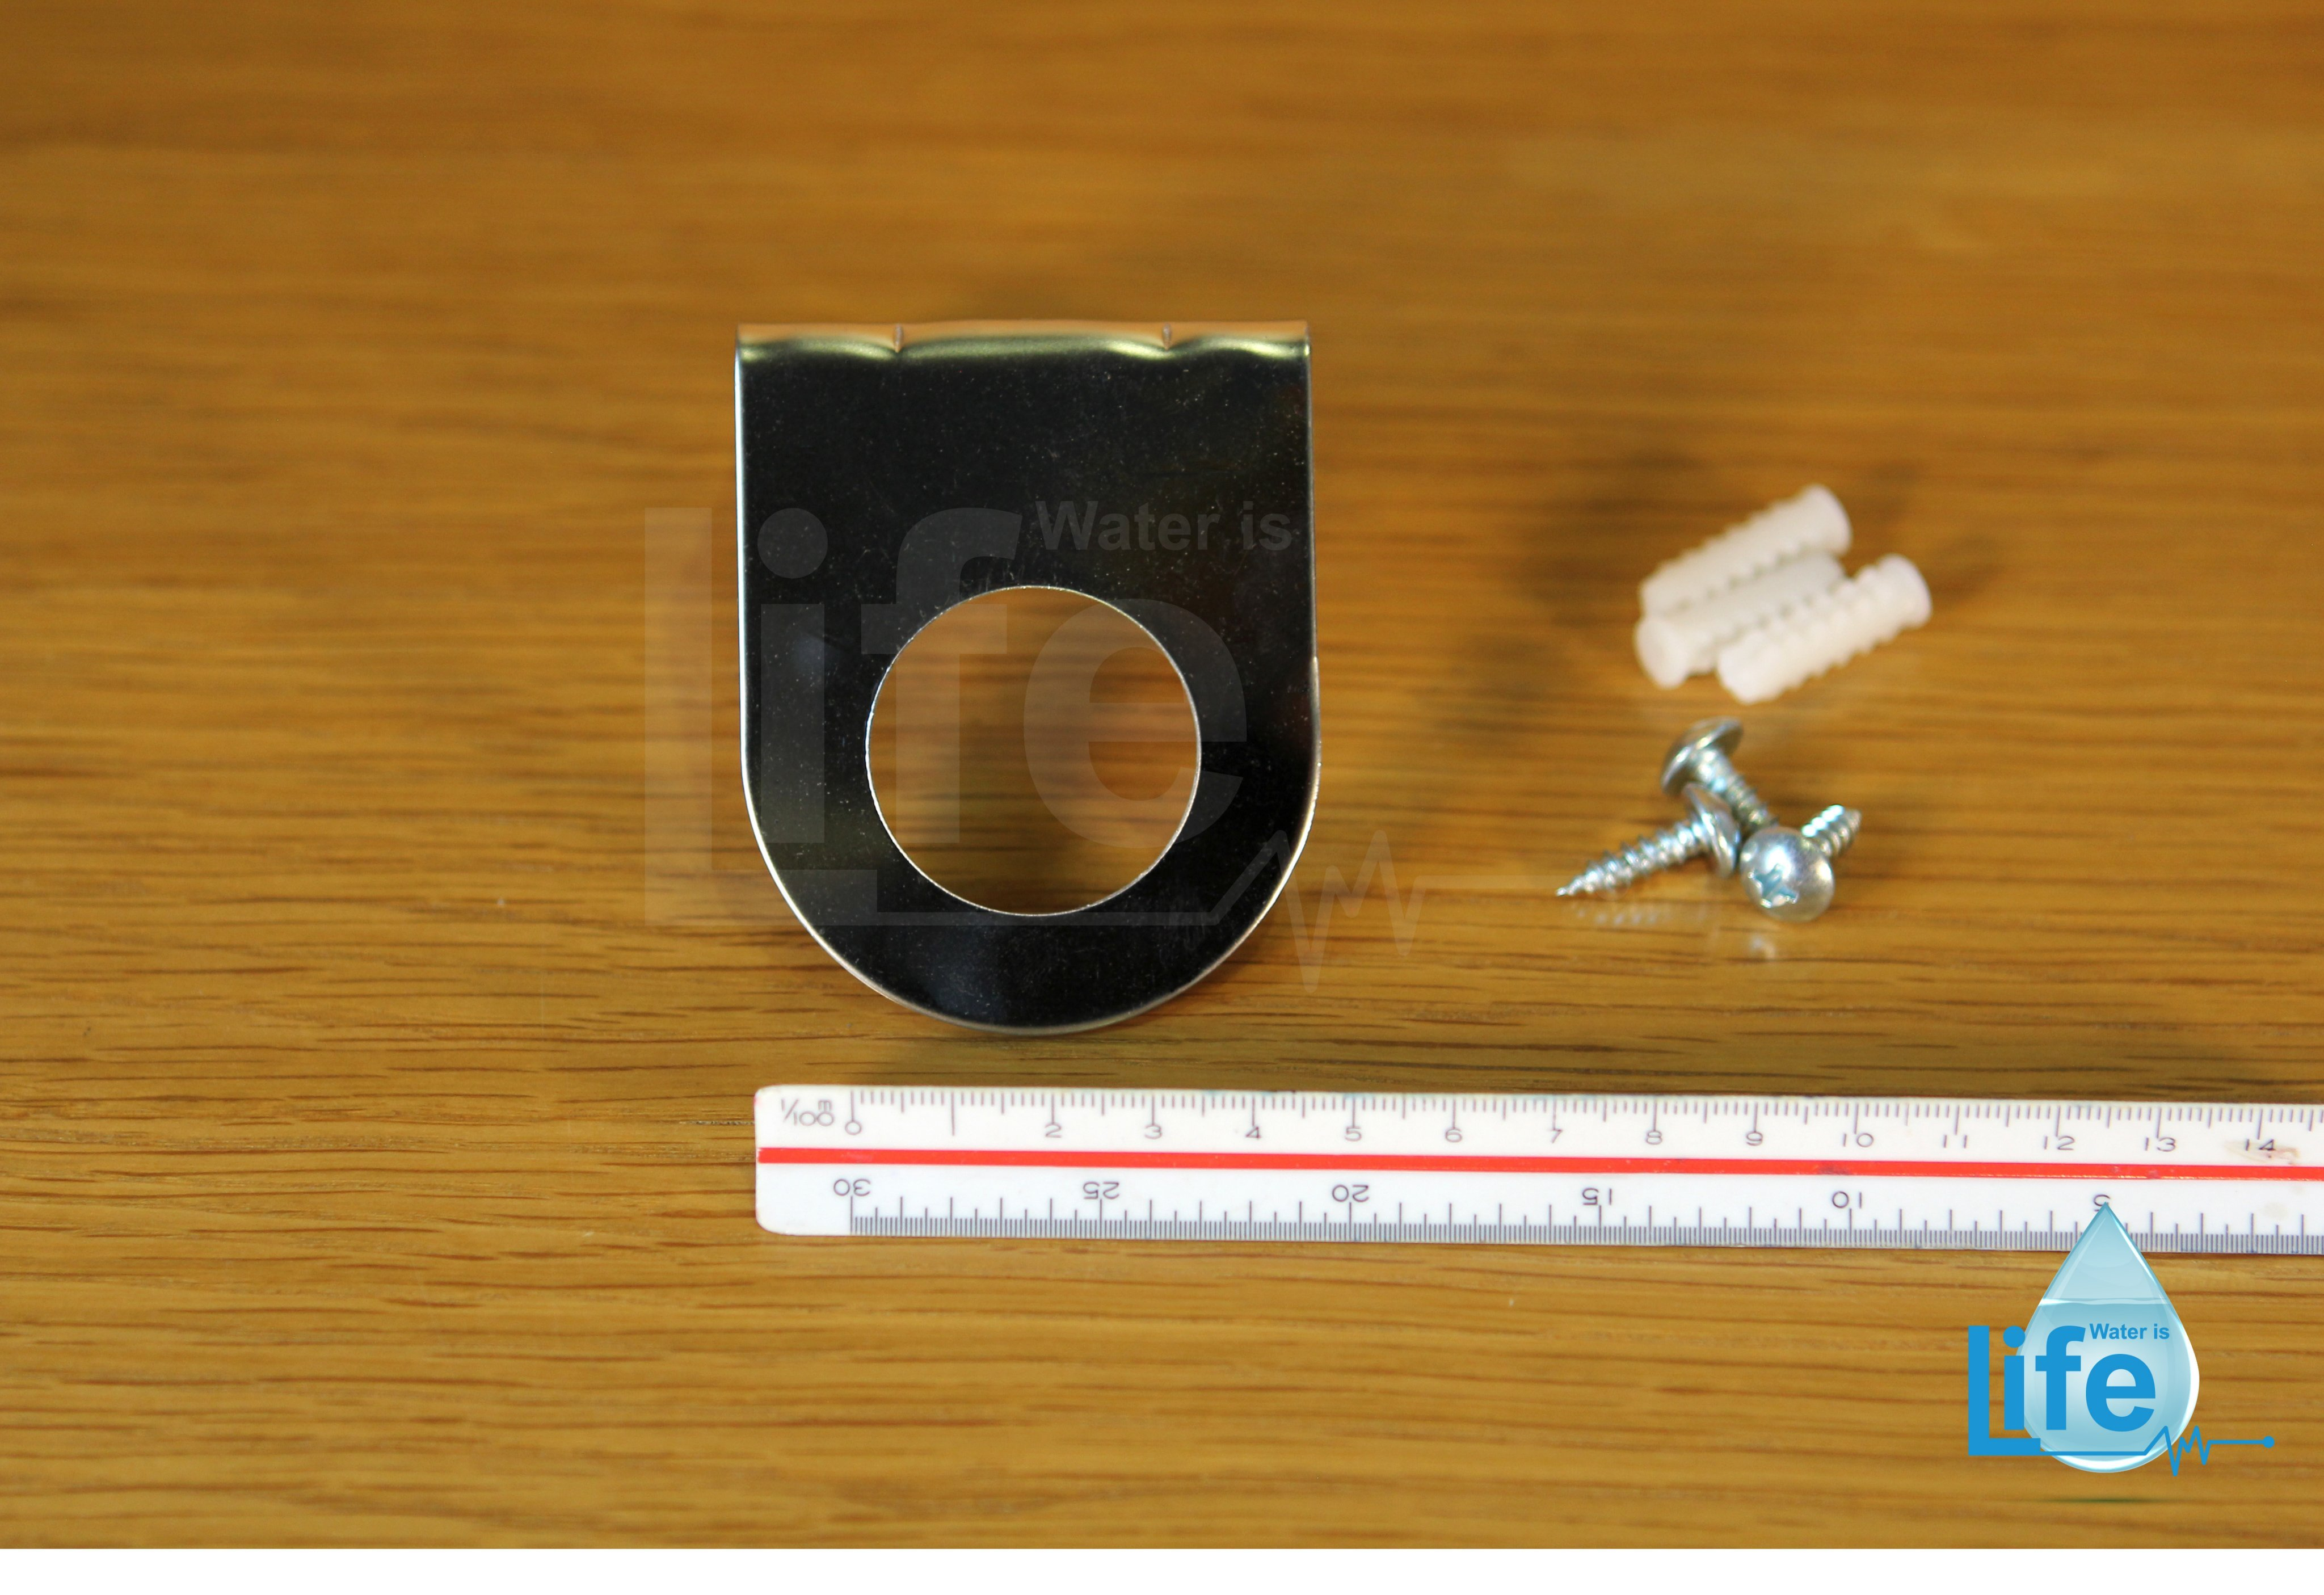 安麗鵝頸龍頭 壁掛L型不鏽鋼鐵架,直徑35mm我們賣的鵝頸龍頭 ,特製開模